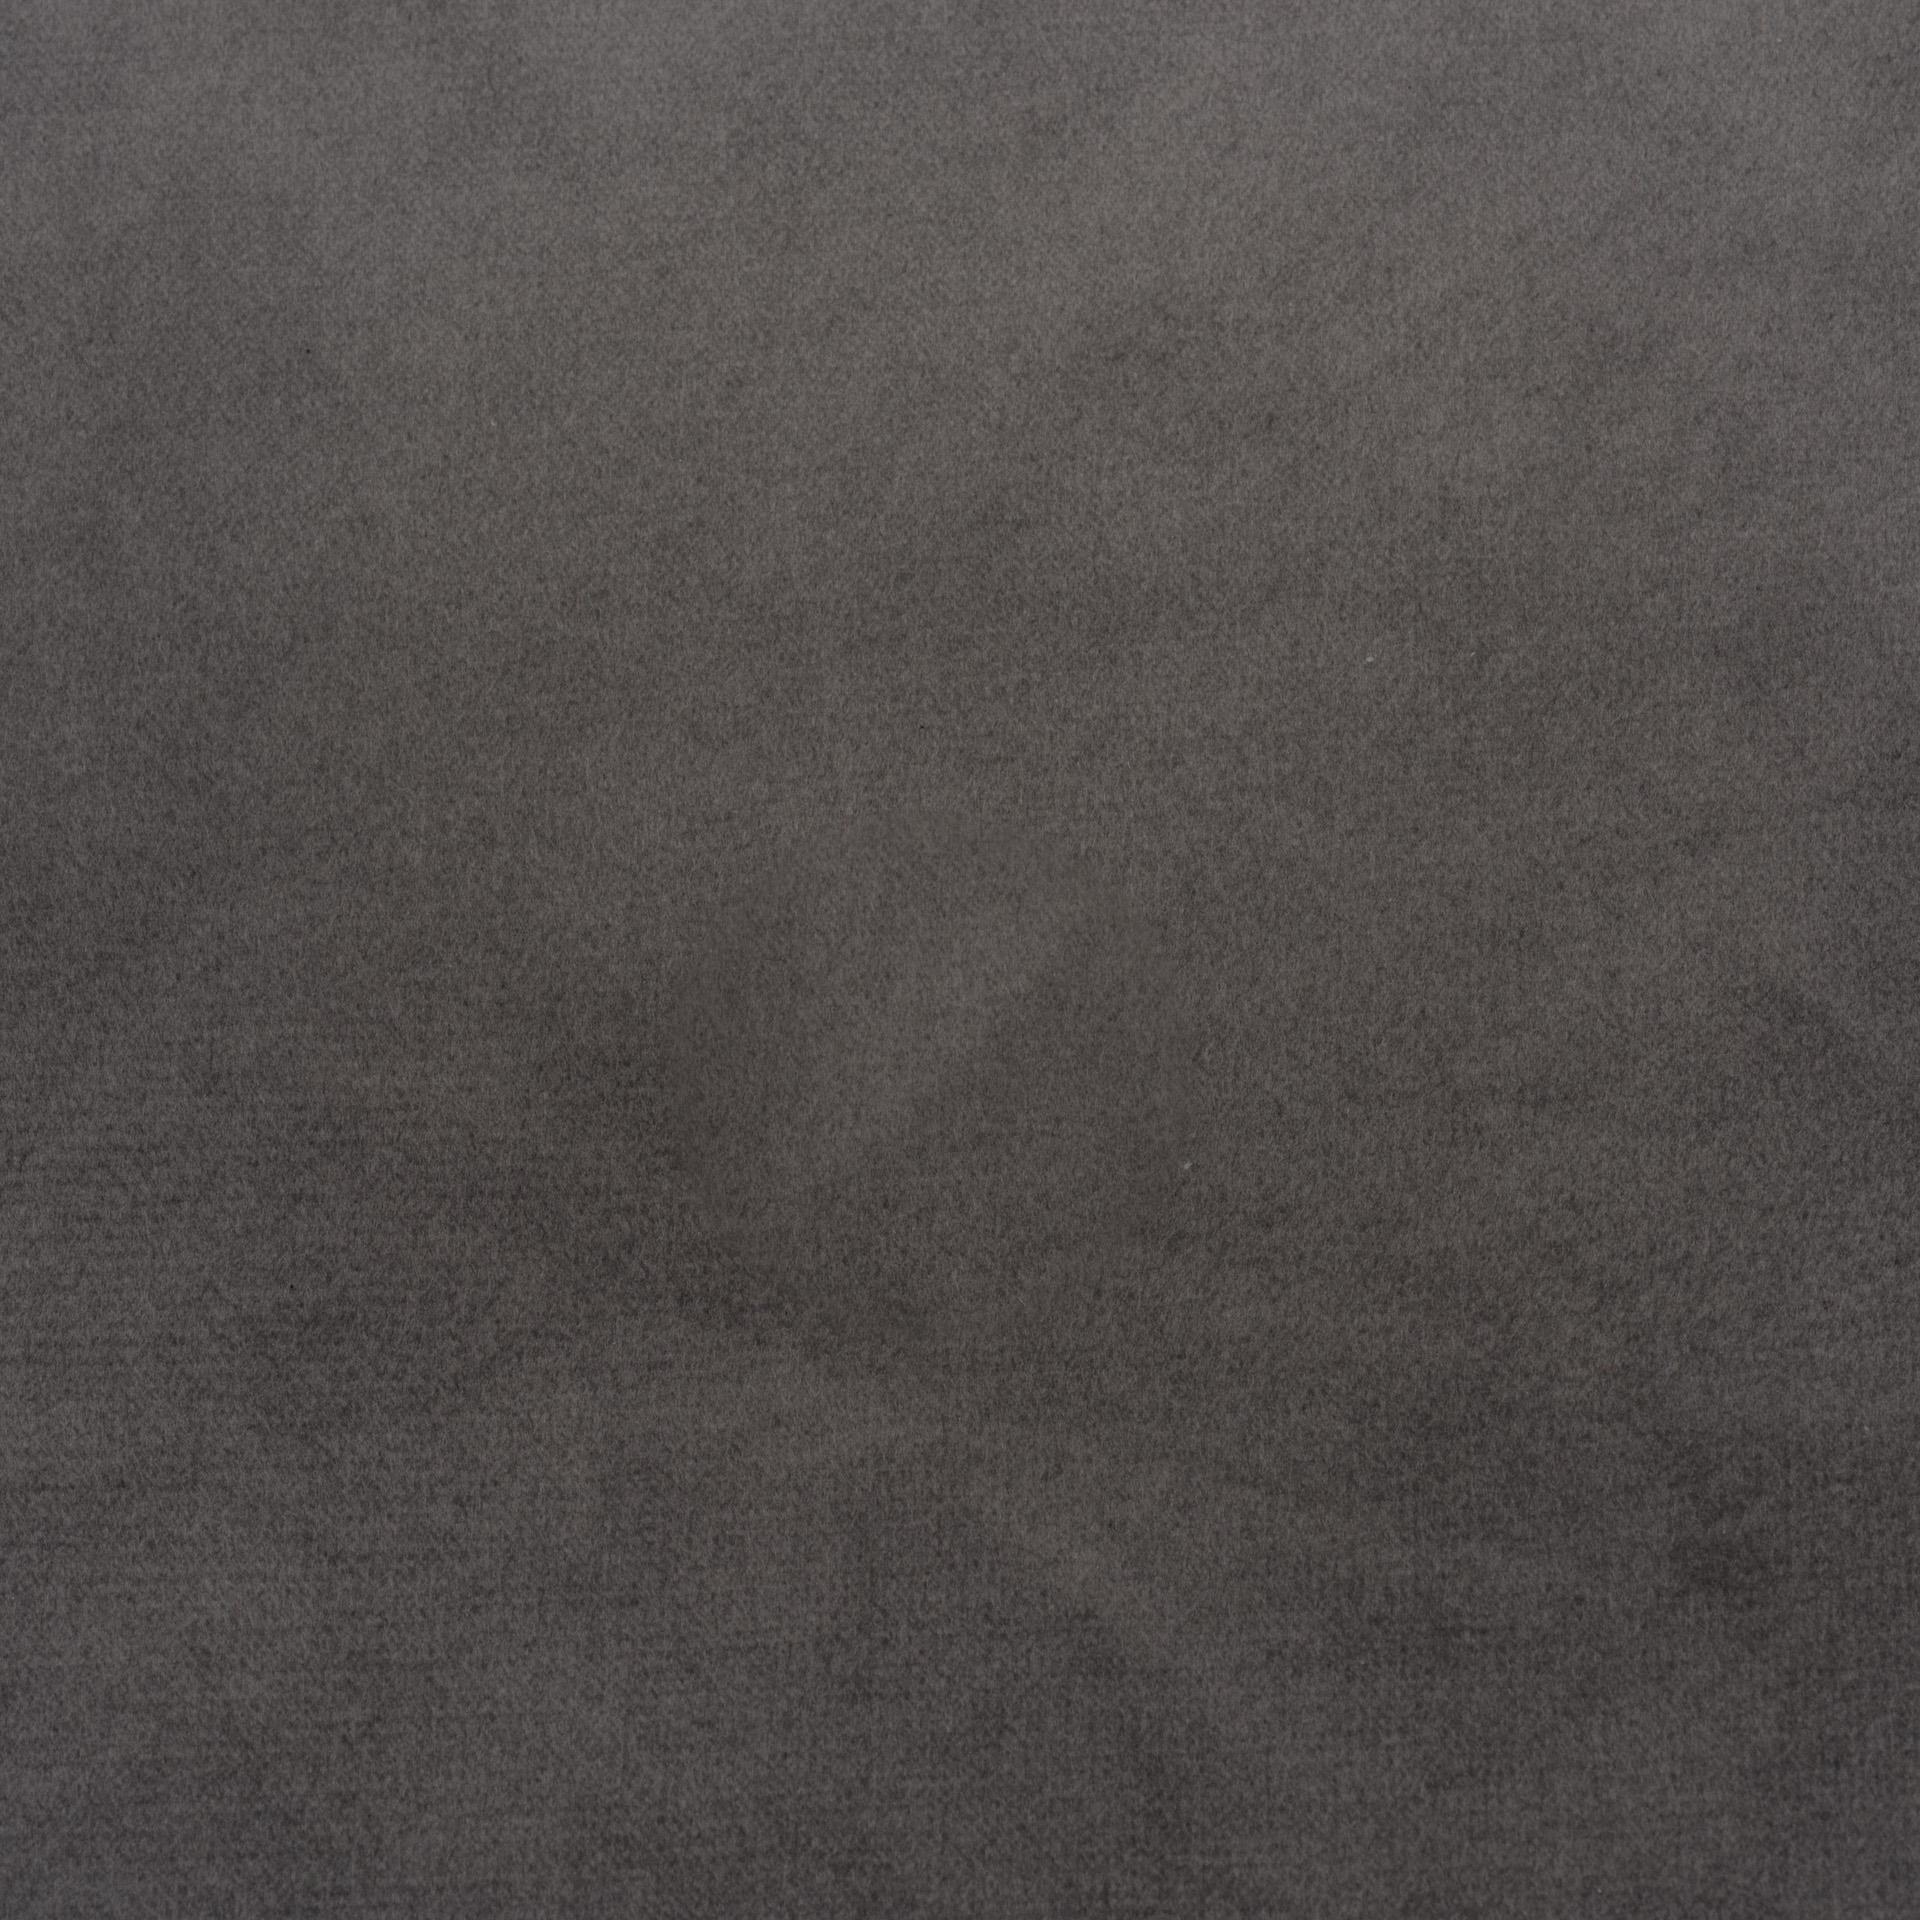 Коллекция ткани Багира 19 OPAL GREY,  купить ткань Велюр для мебели Украина